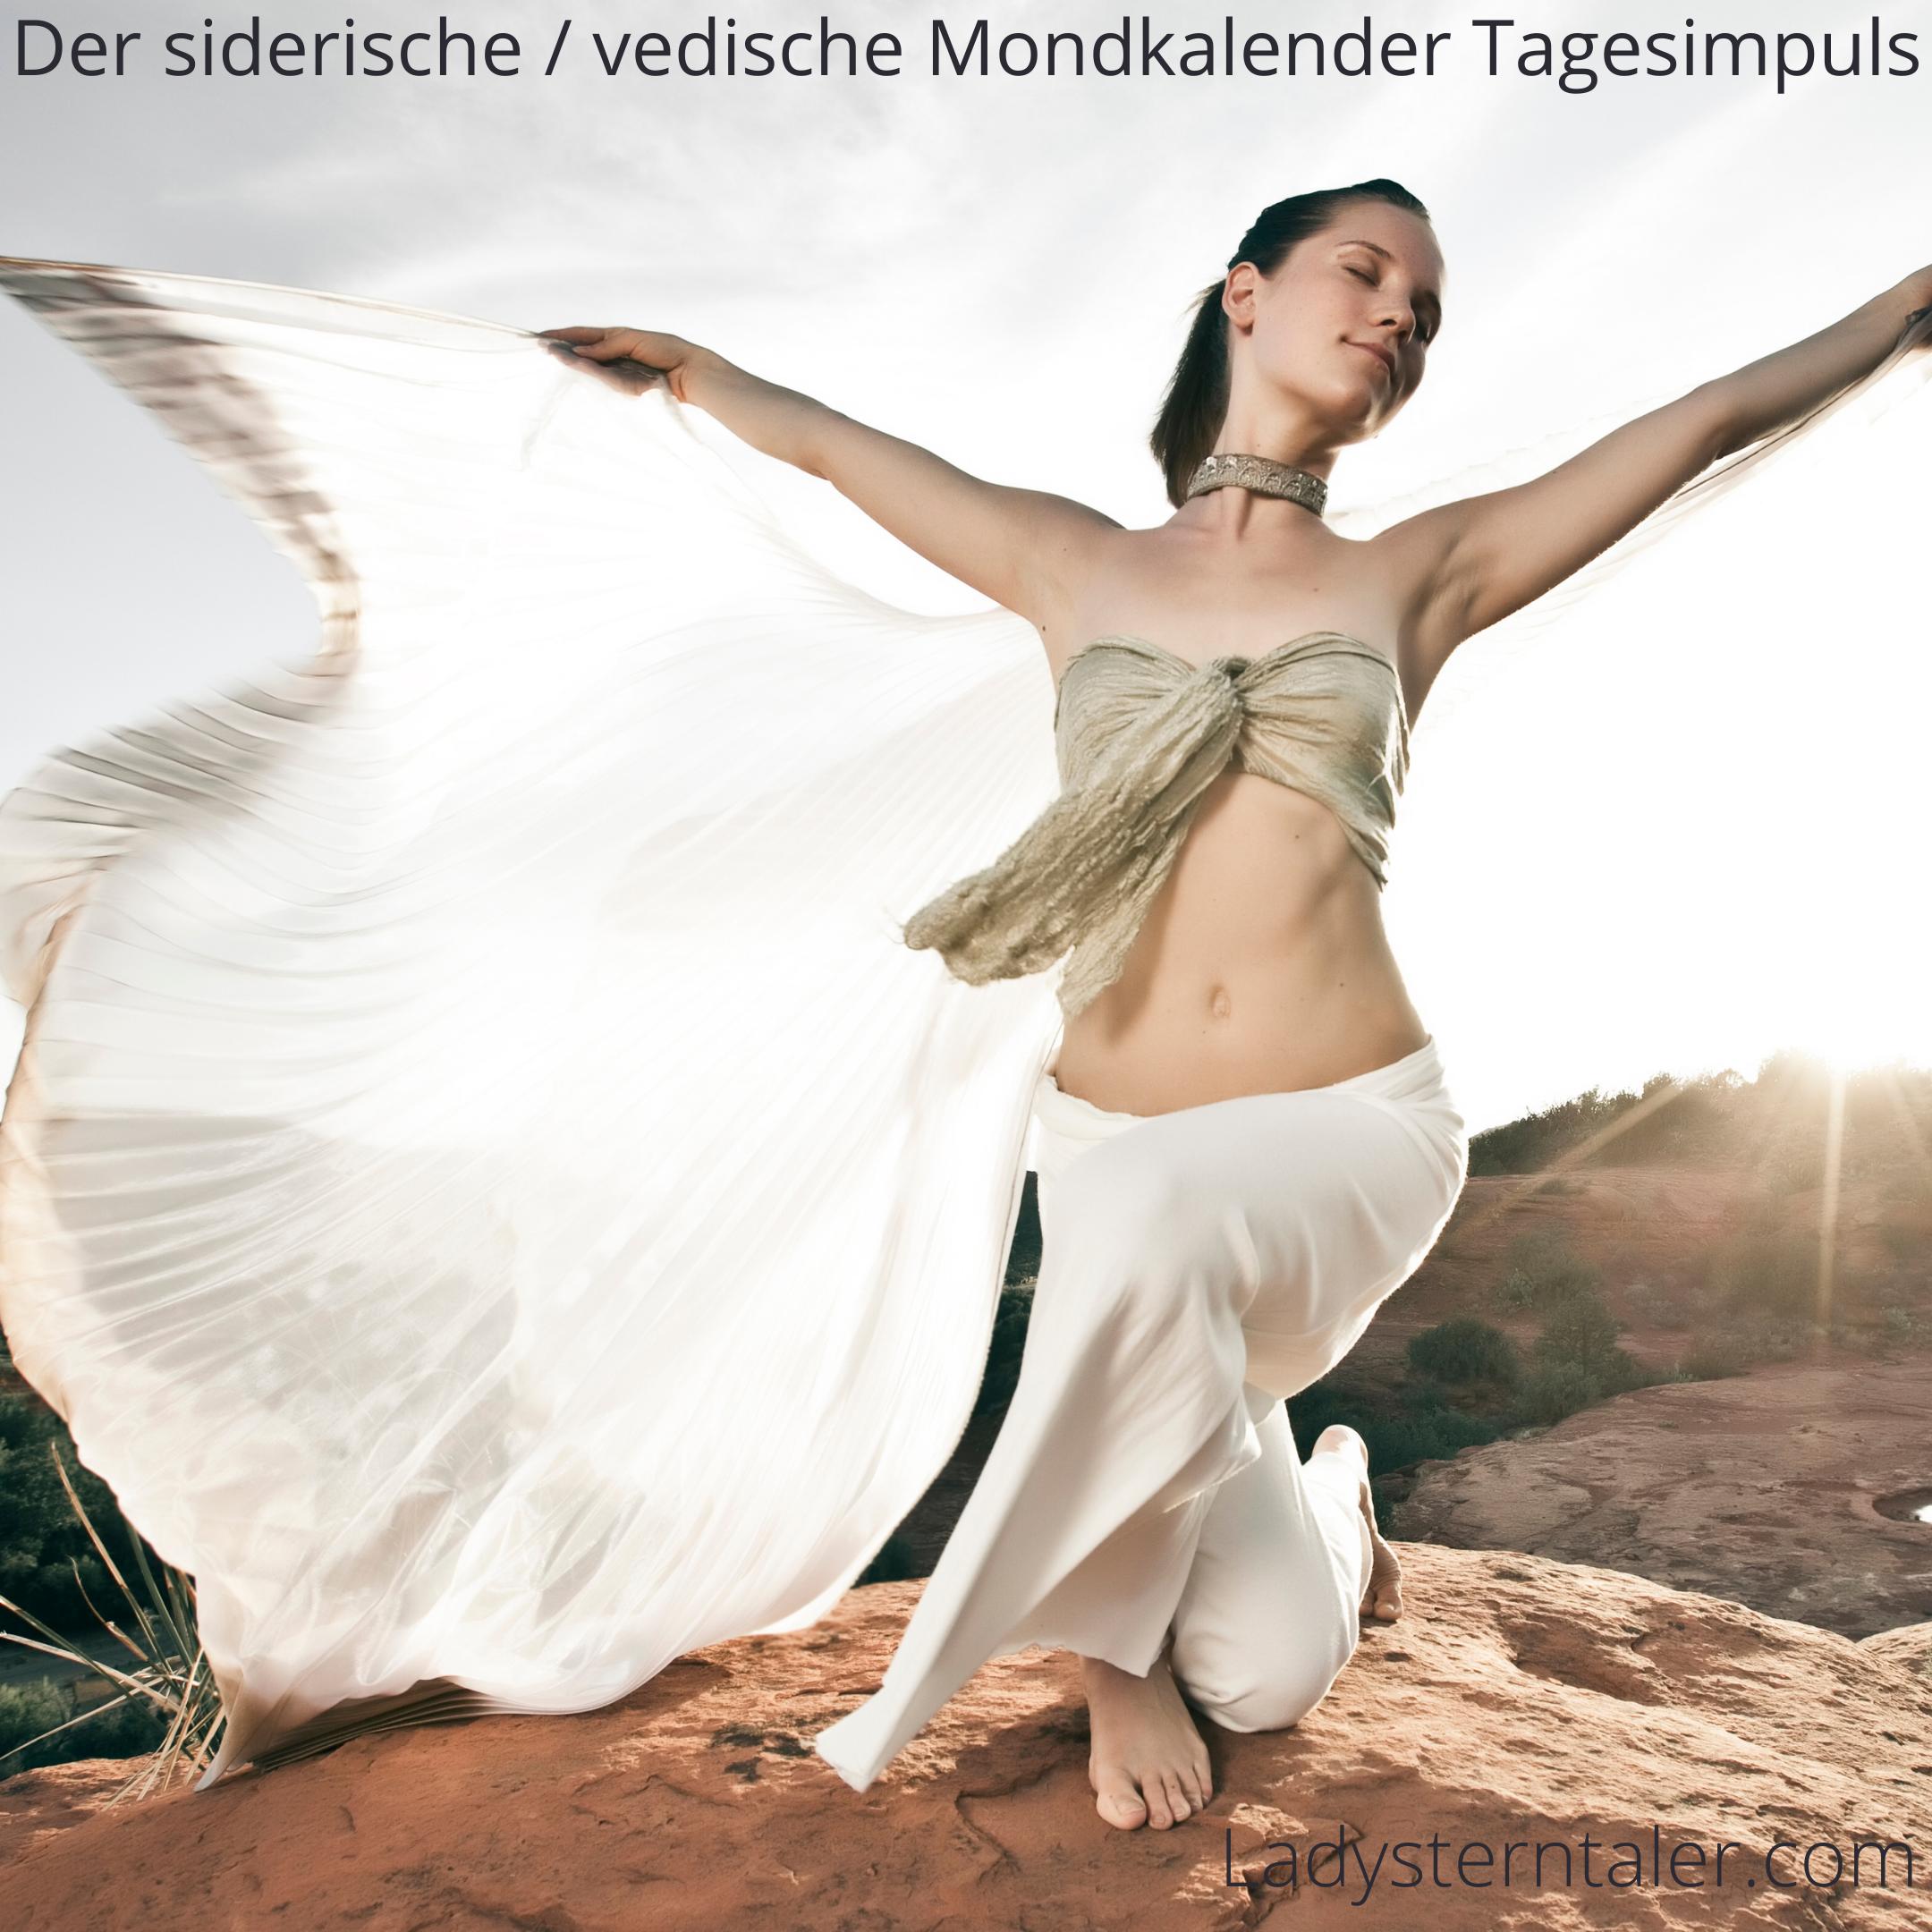 siderischer _ vedischer Mondkalender (1)